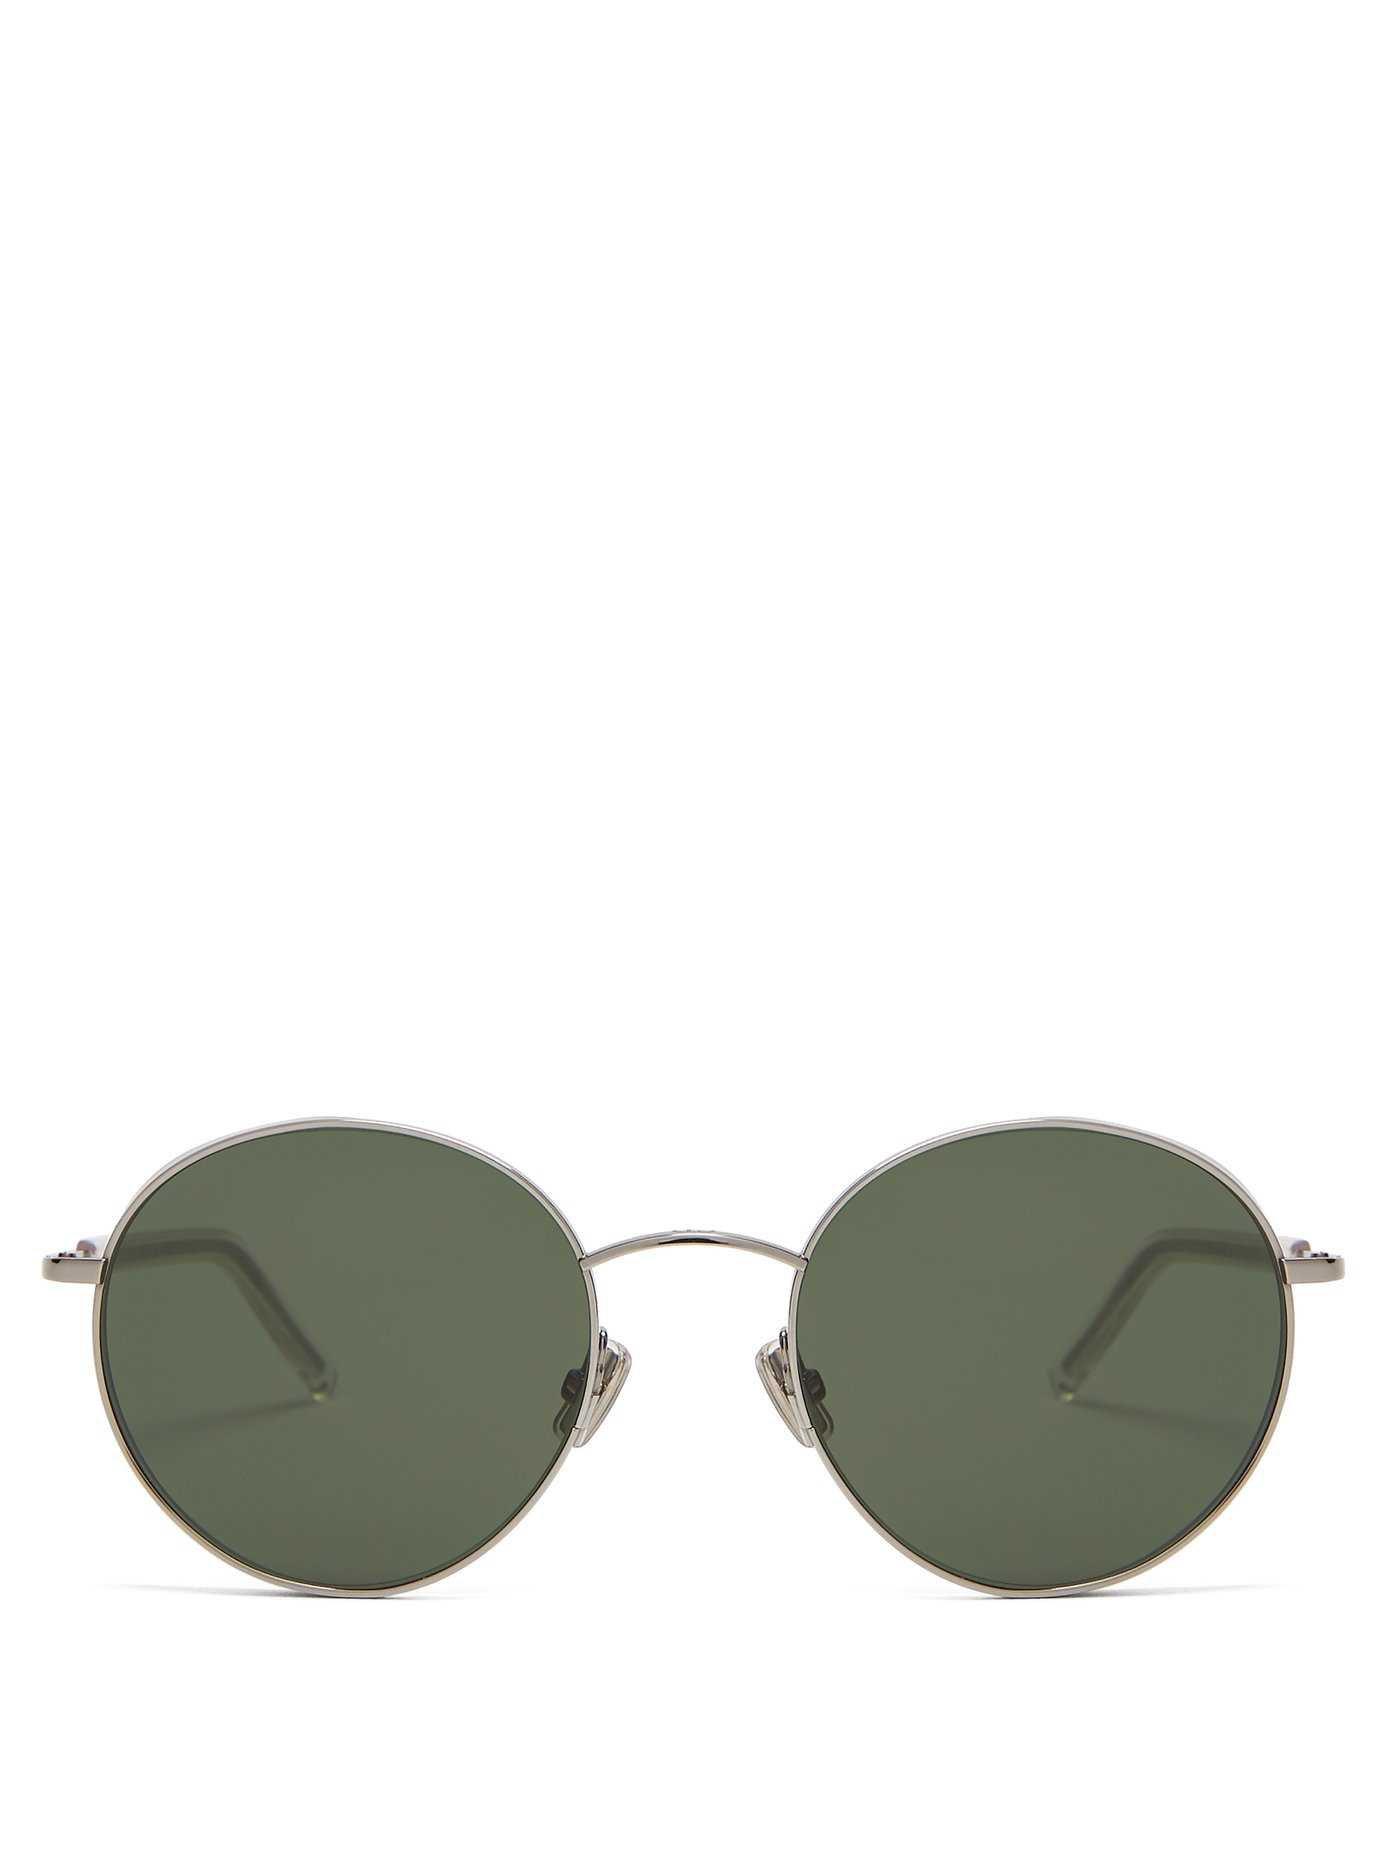 DiorEdgy round-frame sunglasses   Dior Homme Sunglasses   MATCHESFASHION.COM FR